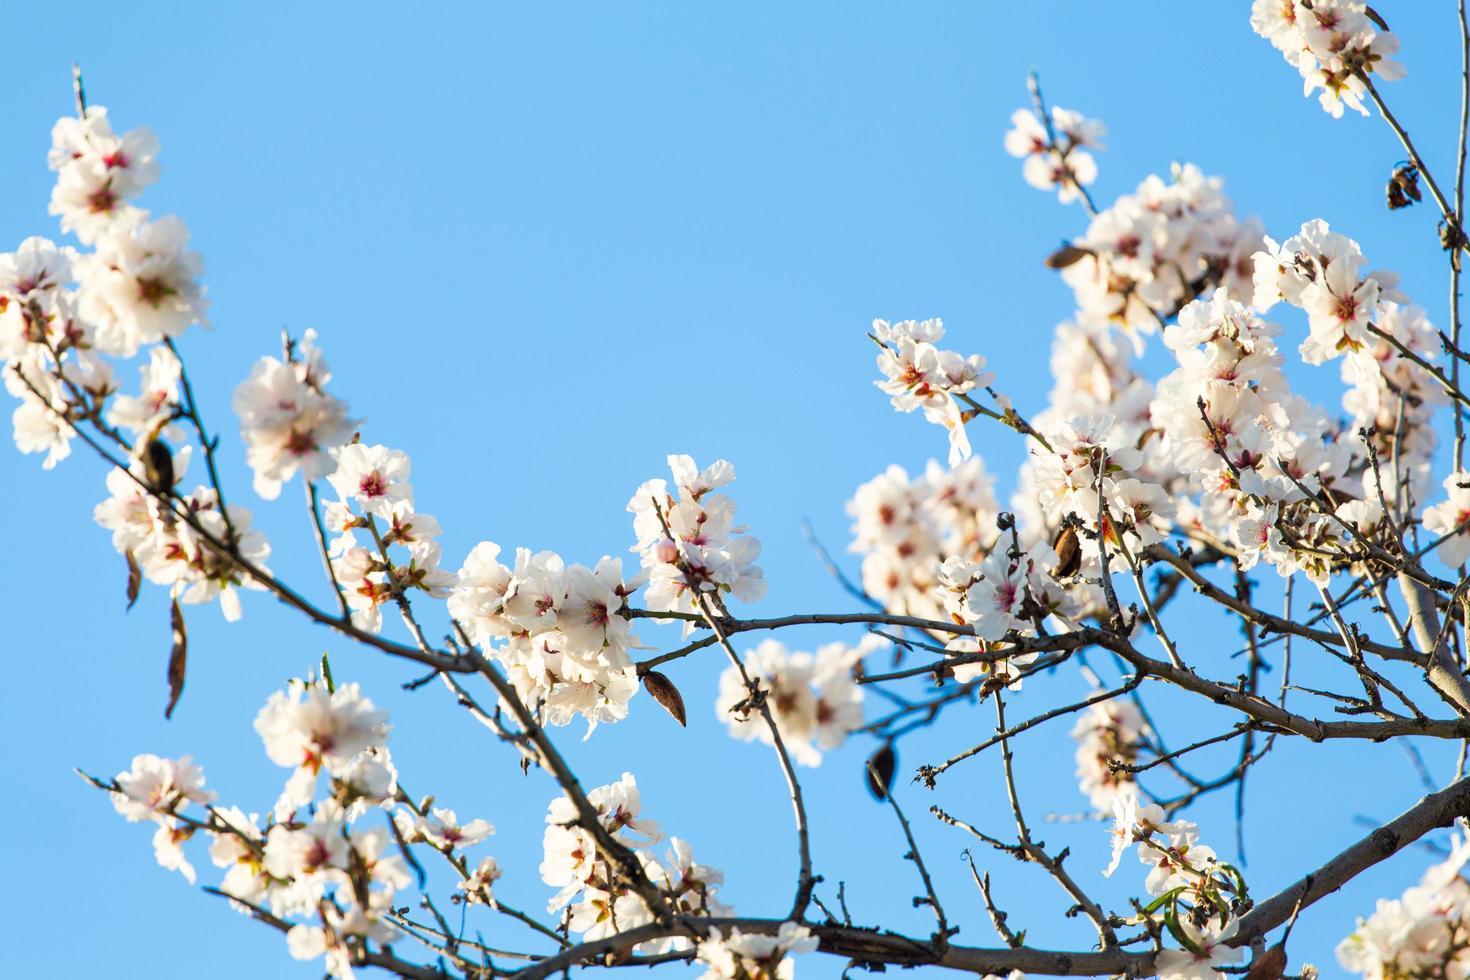 fiori di ciliegio bianchi foto